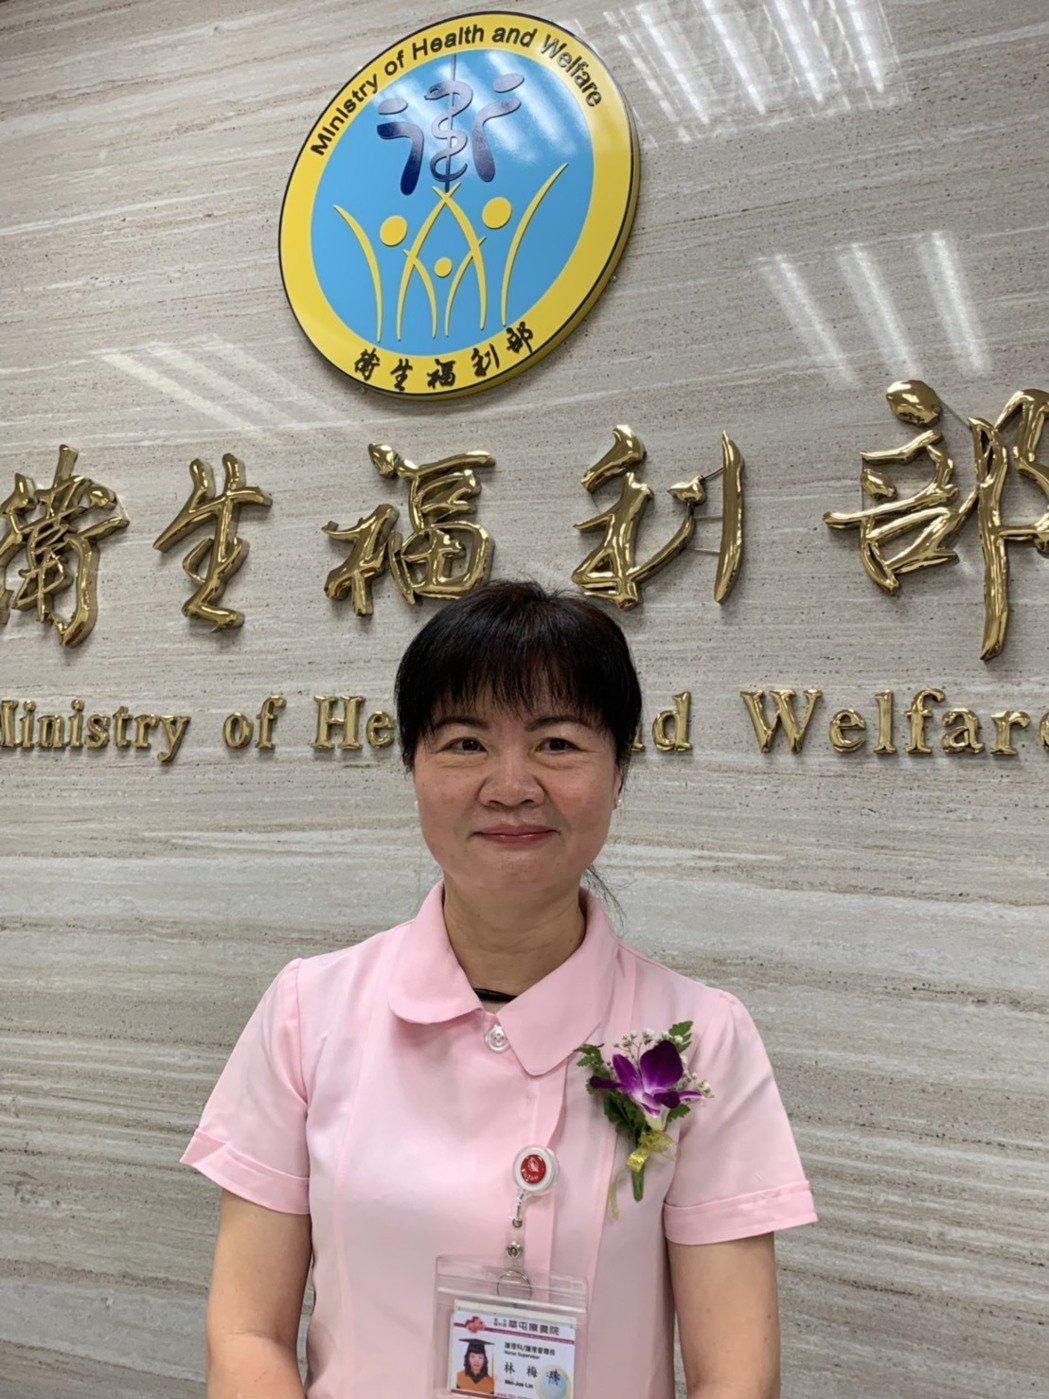 草屯療養院護理督導長林梅珠,今獲得衛福部頒發的「資深貢獻獎」。記者陳雨鑫/攝影